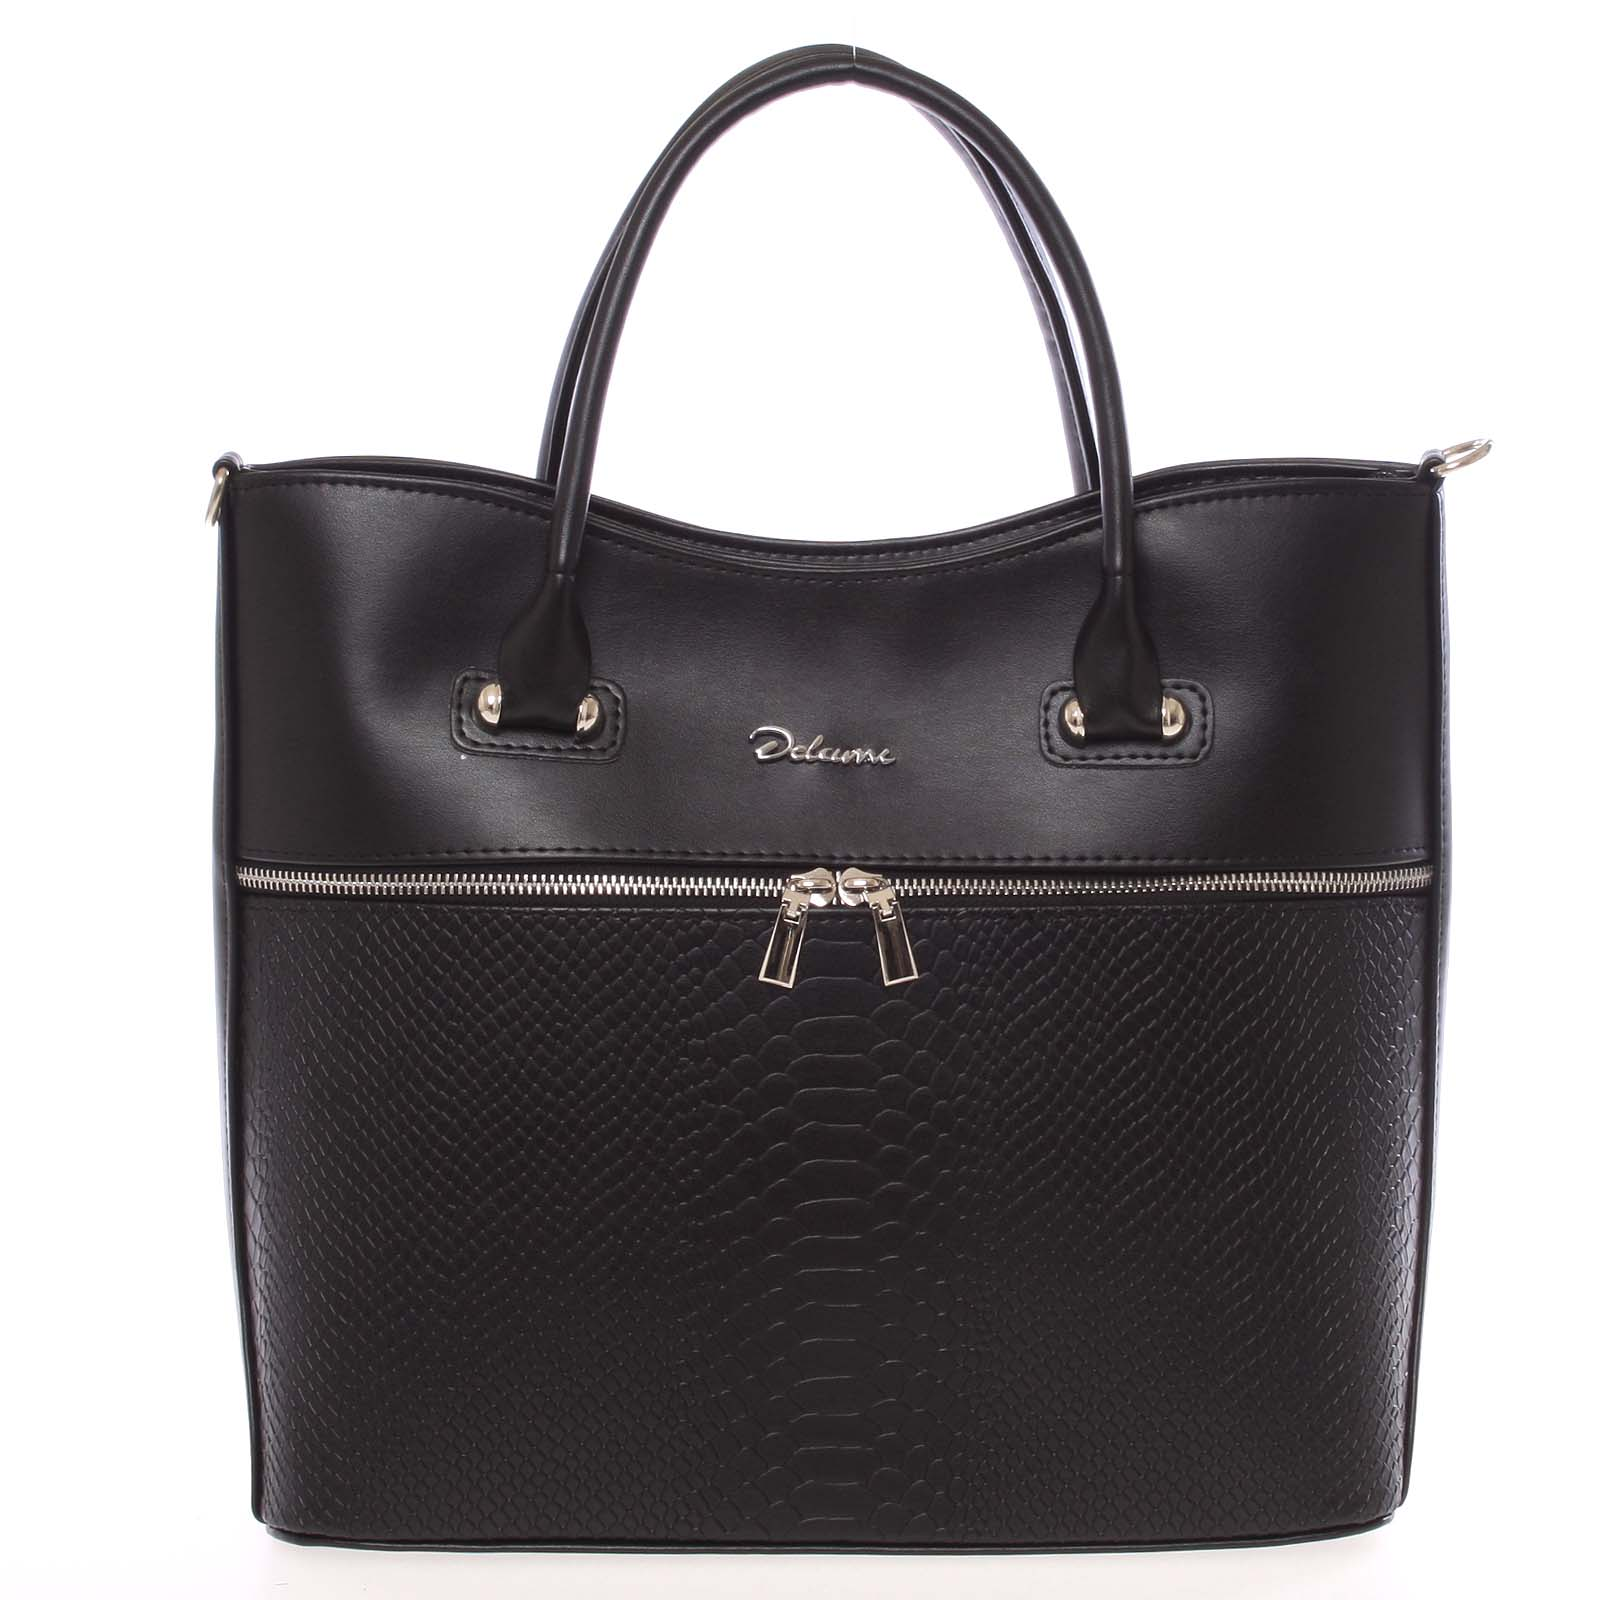 Luxusní dámská kabelka černá - Delami Veronica